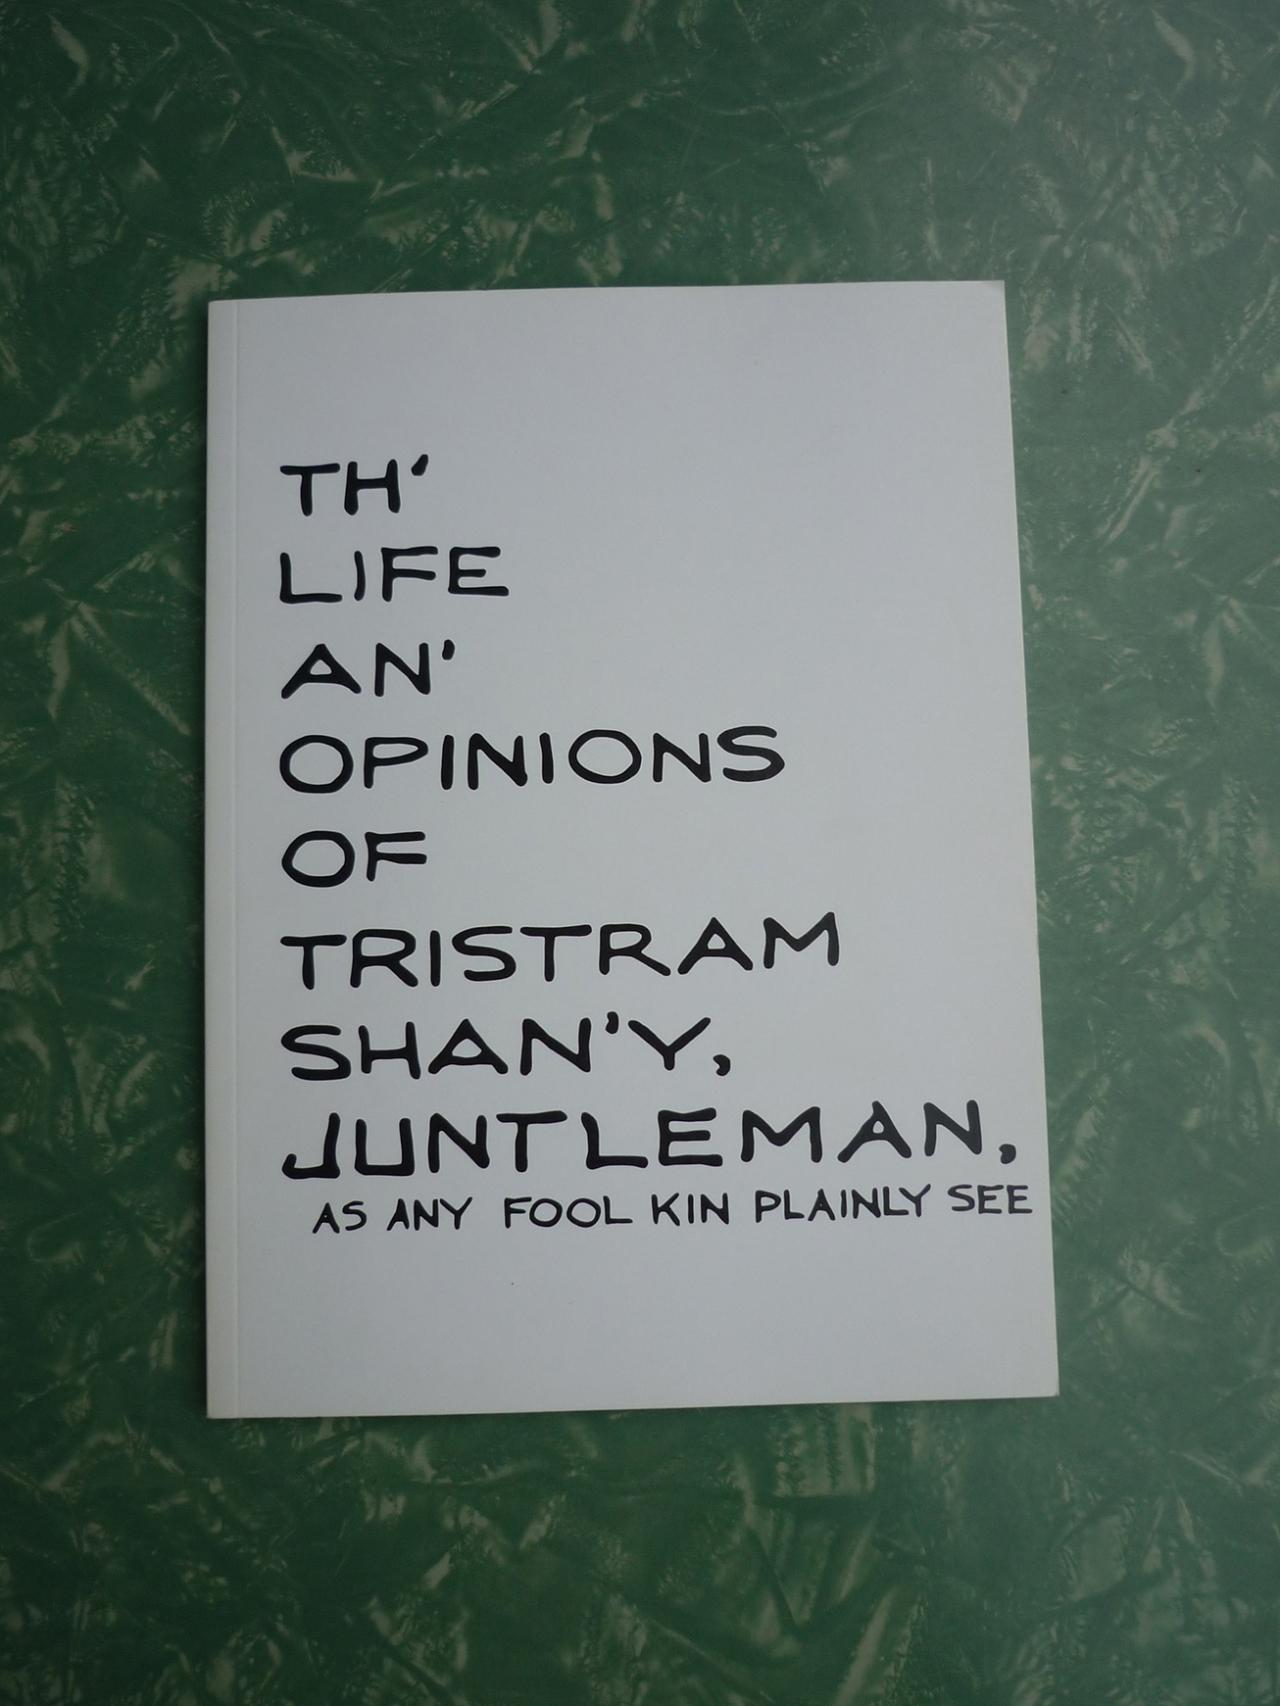 La Houle HRR-11 Th' Life an' Opinions of Tristram Shan'y, Juntleman